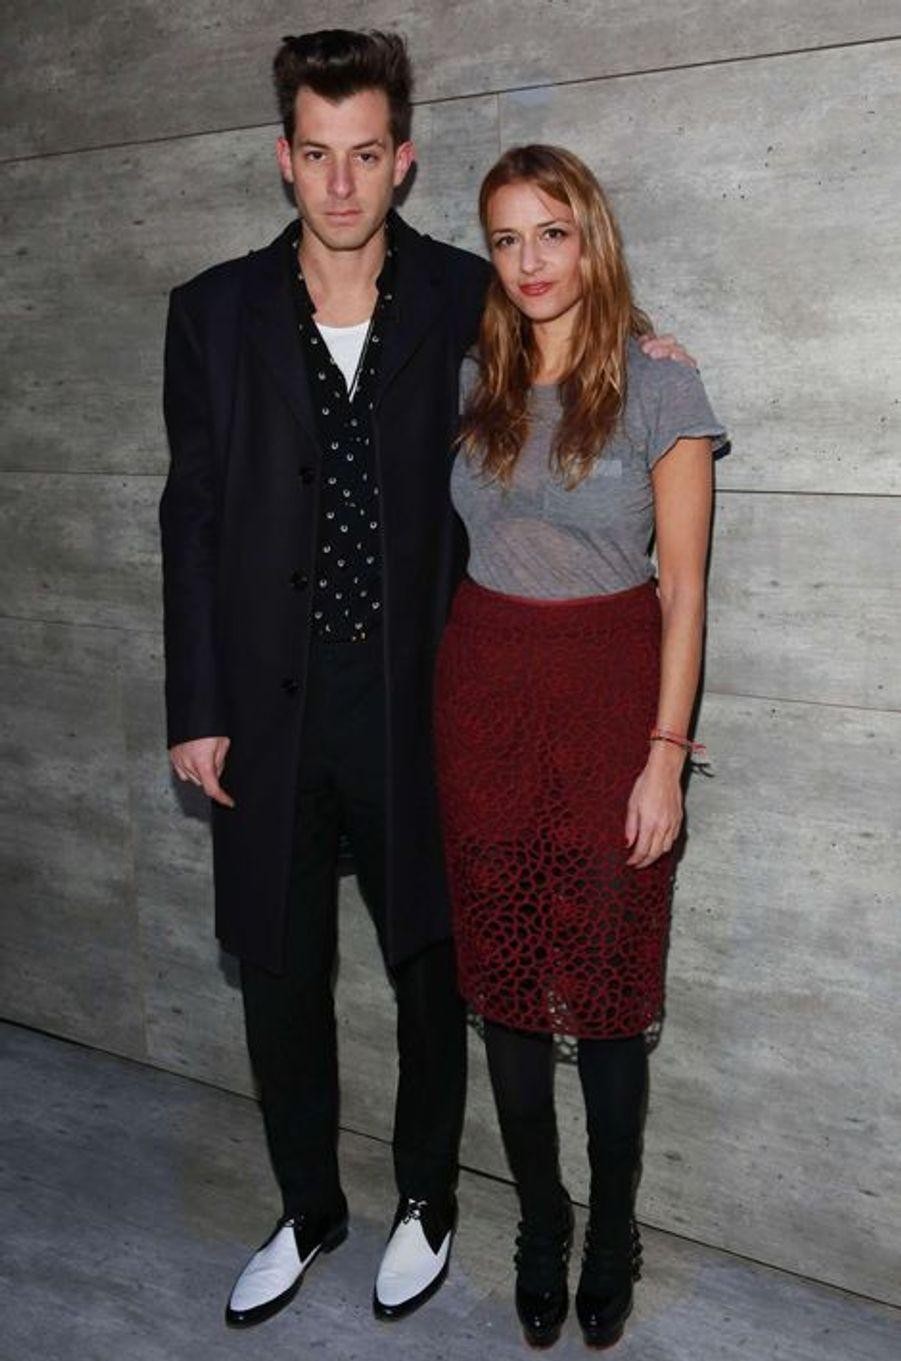 Mark et Charlotte Ronson à New York le 13 février 2015